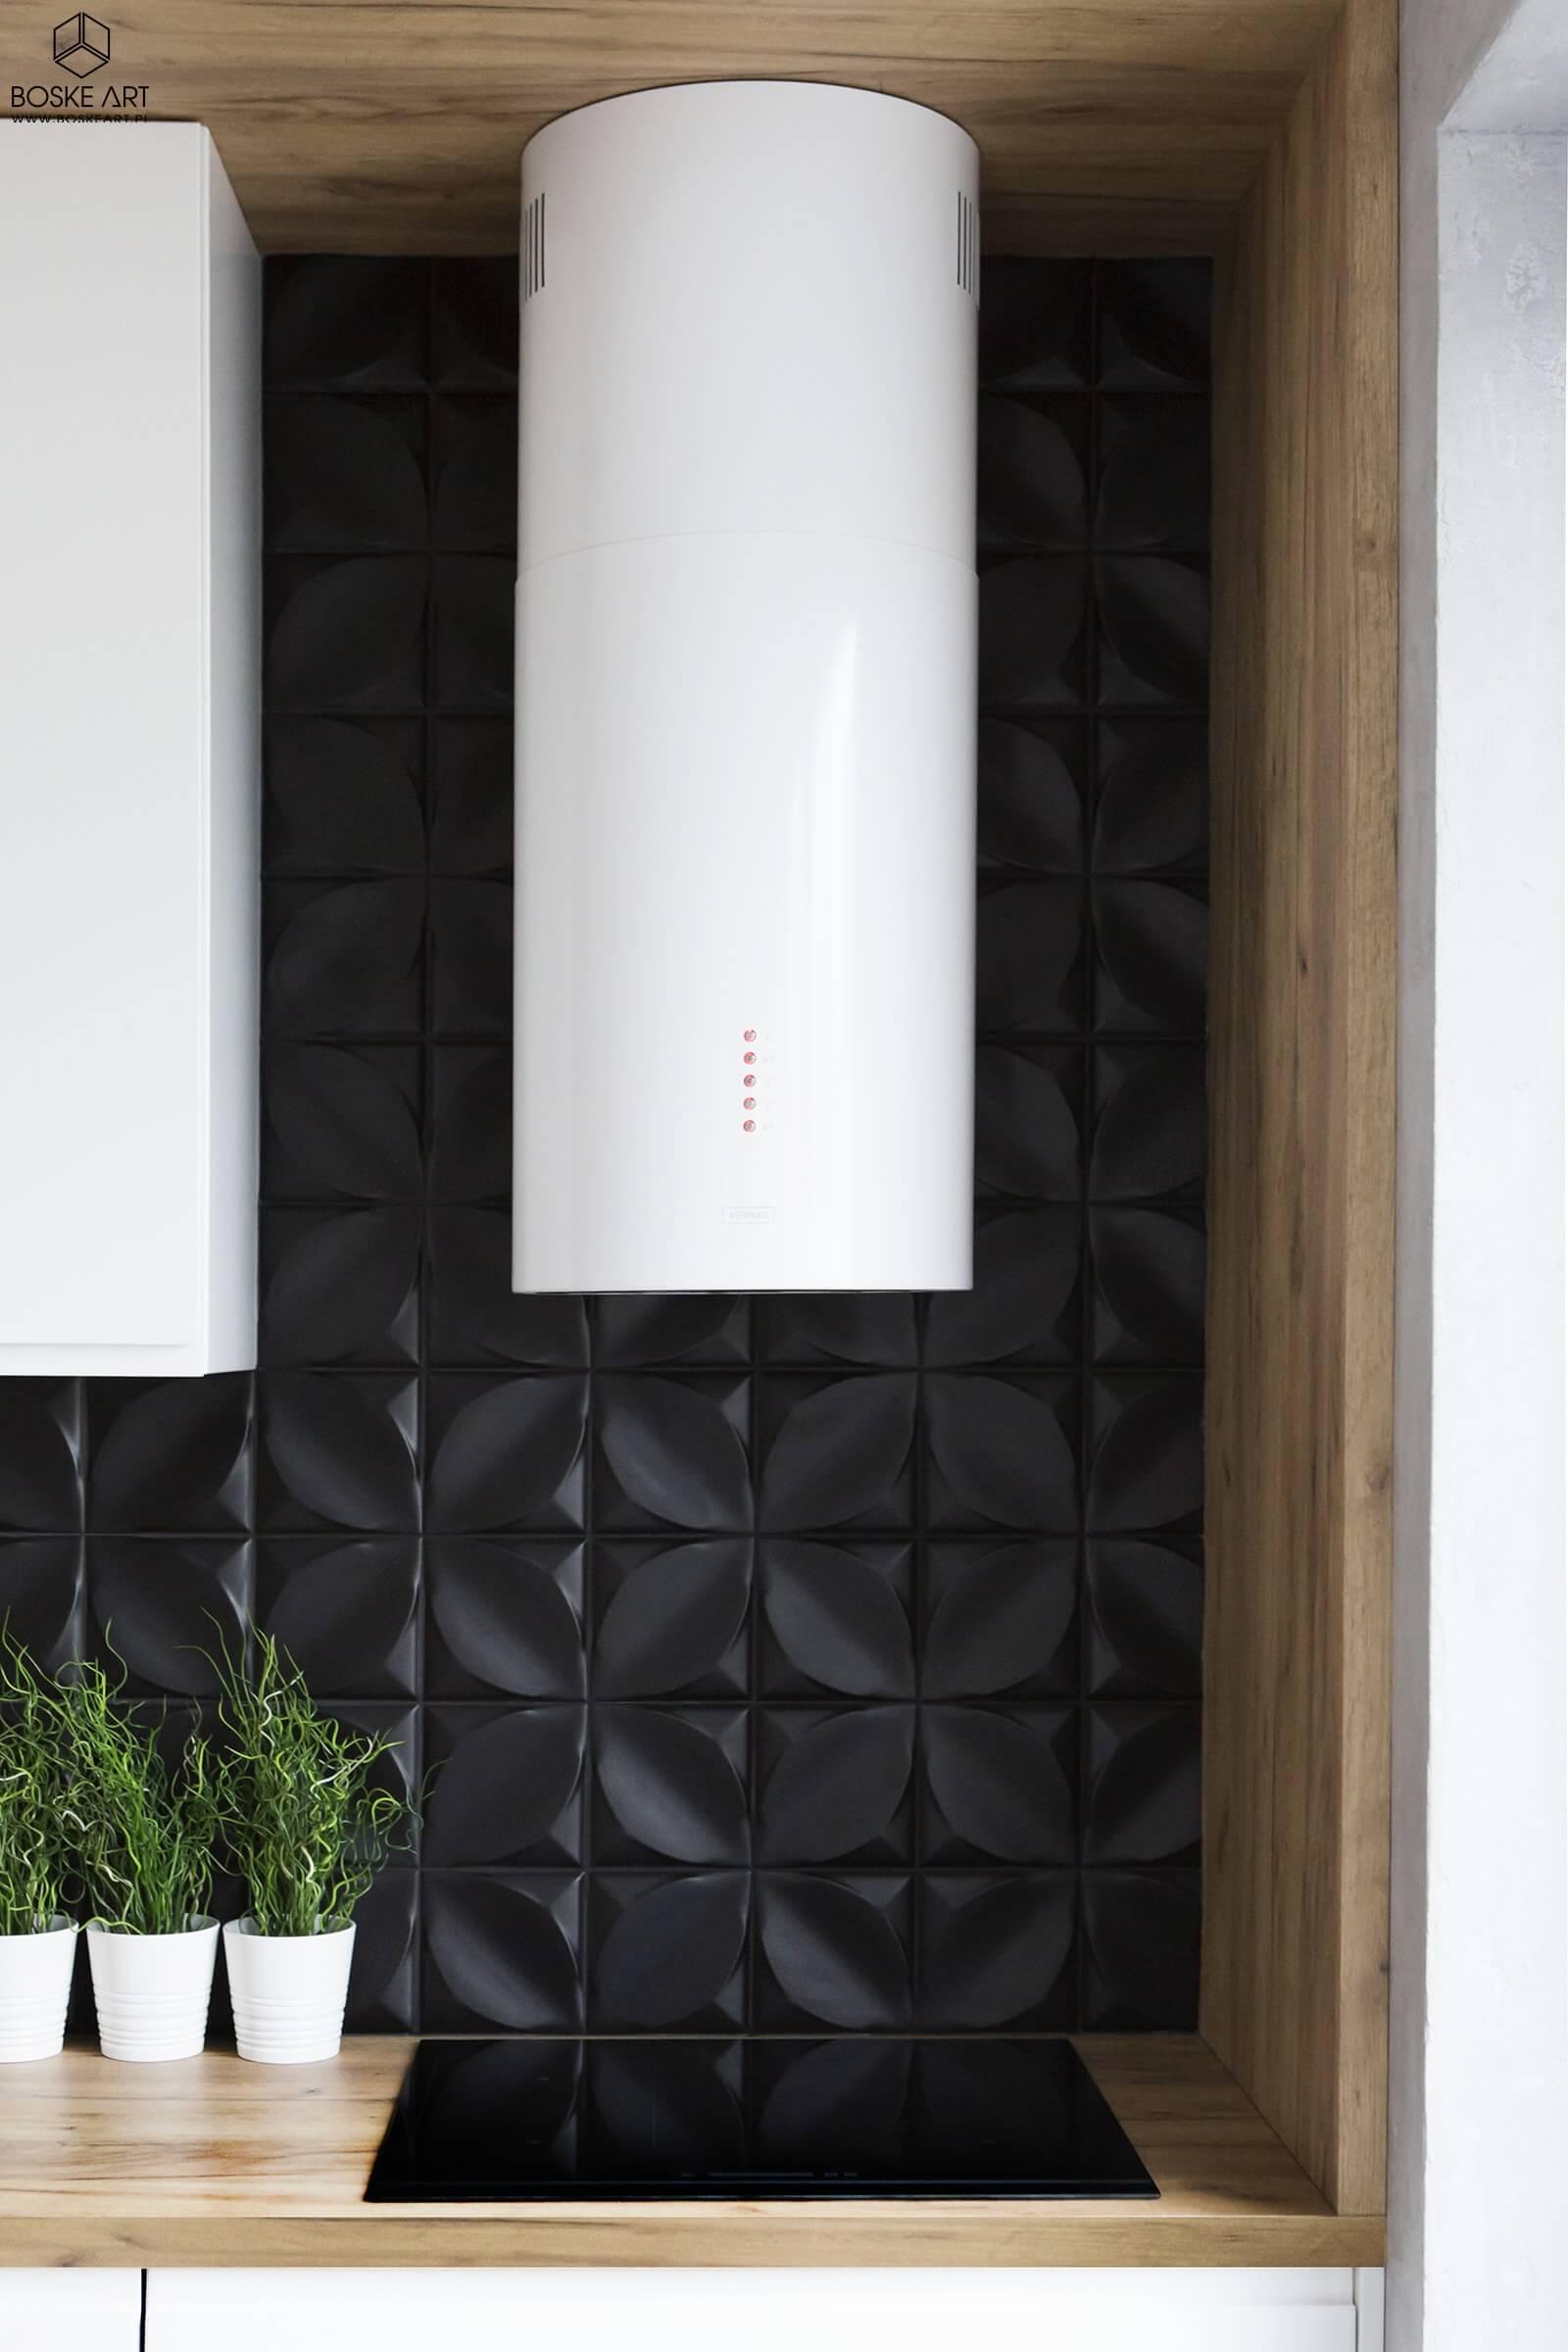 3_apartamenty_na_wynajem_poznan_boske_art_projektowanie_aranzacja_architektura_wnetrz_natalia_robaszkeiwicz-min